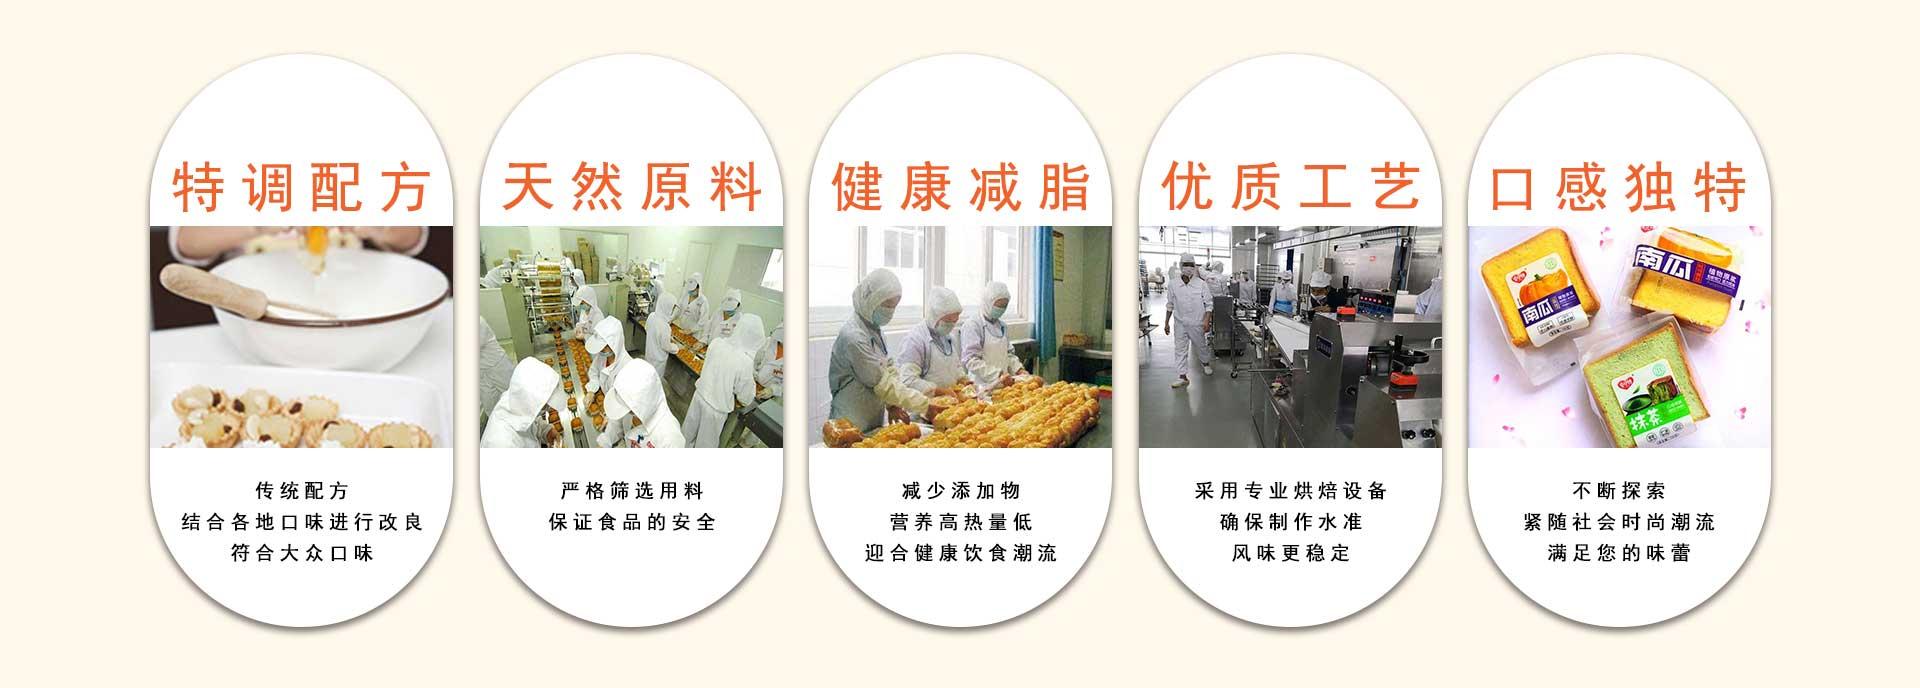 寧夏面包|寧夏面包廠家